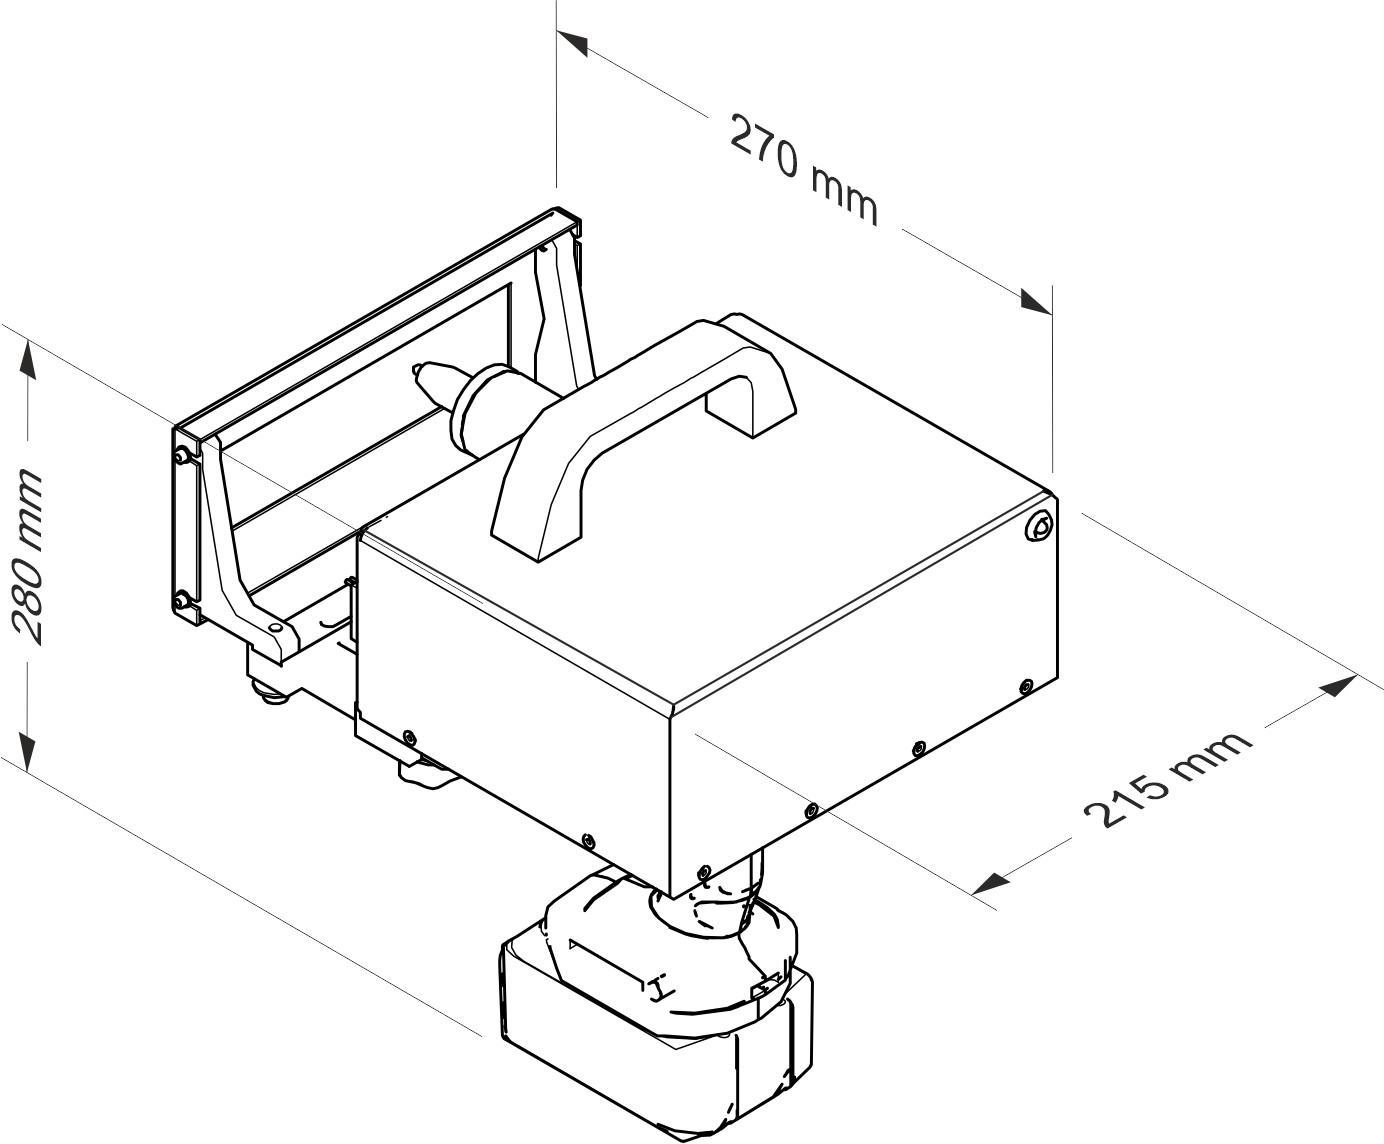 Datamark MP-150 Mobile marker